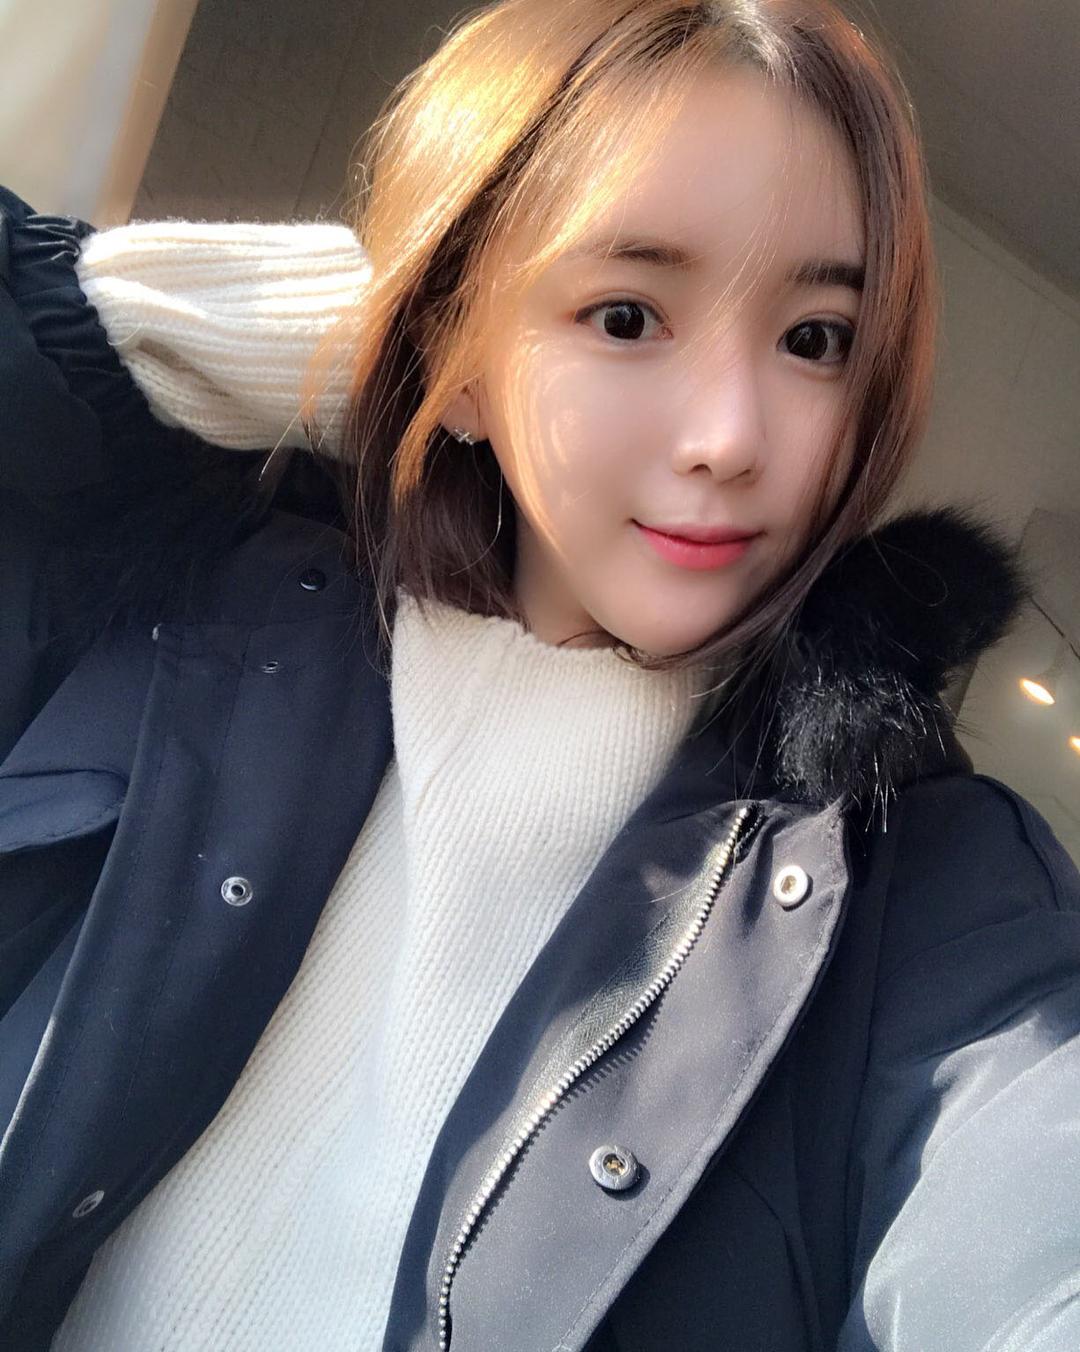 韩国美女模特lilolilo,清秀靓丽,精选合辑二40张